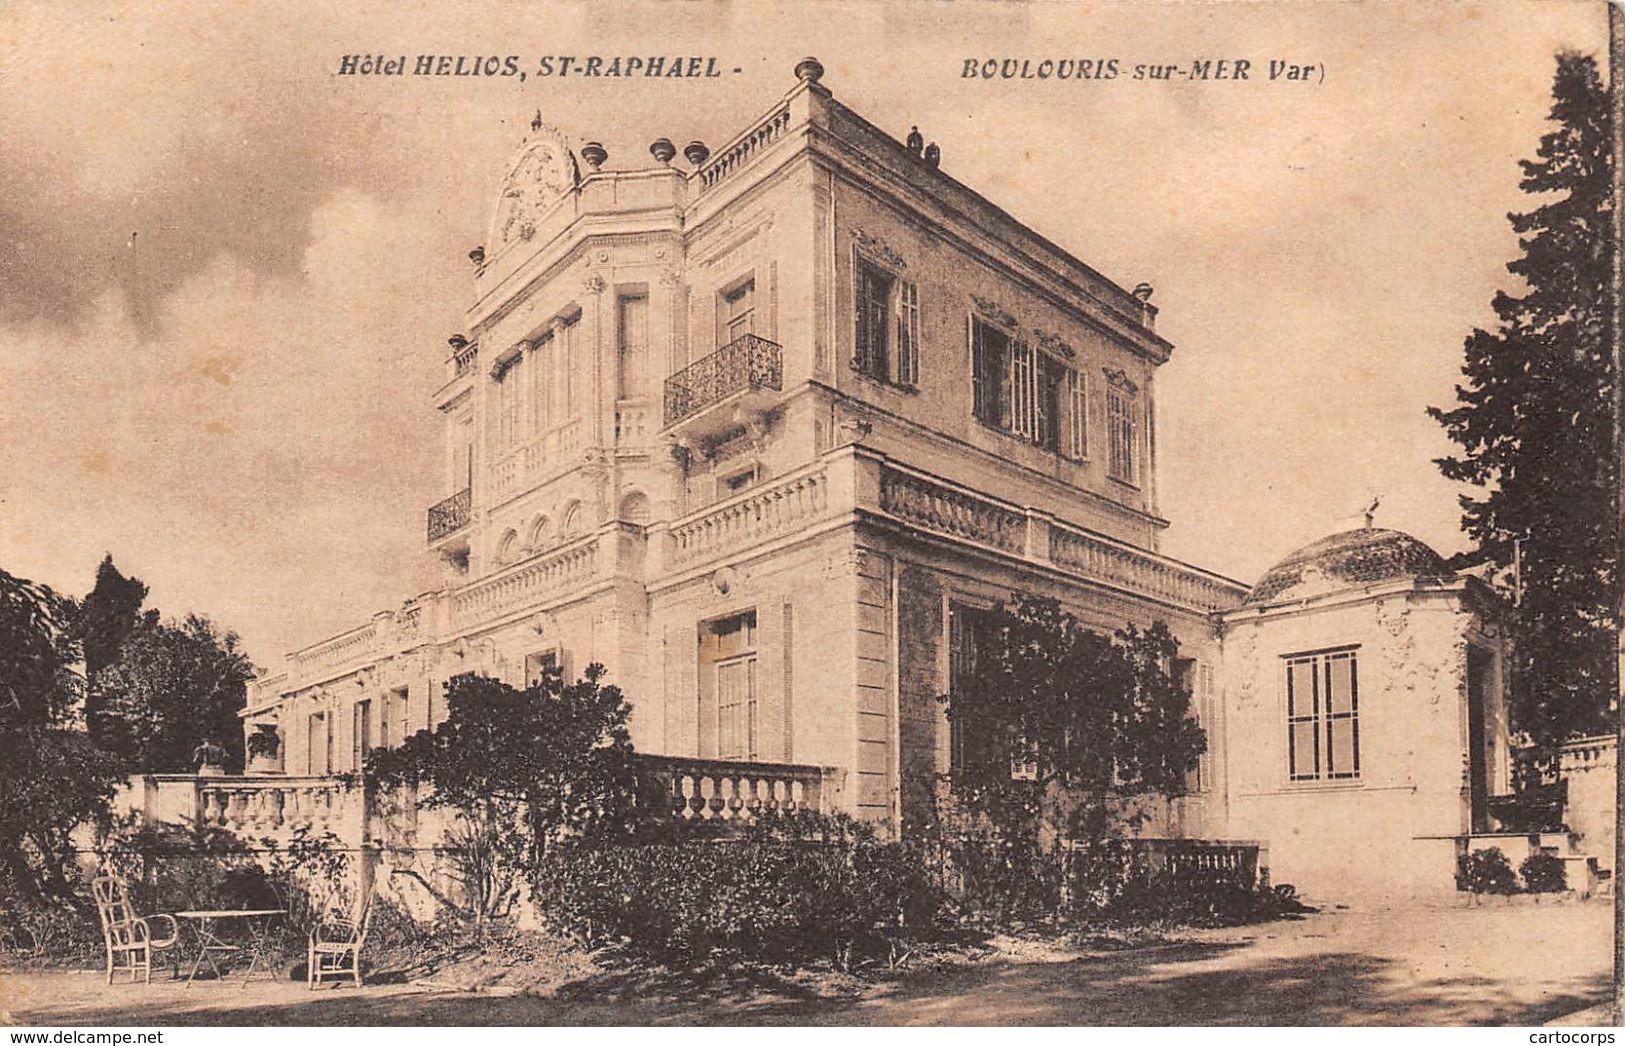 83 - Boulouris-sur-Mer - Hôtel St-Raphael - Boulouris